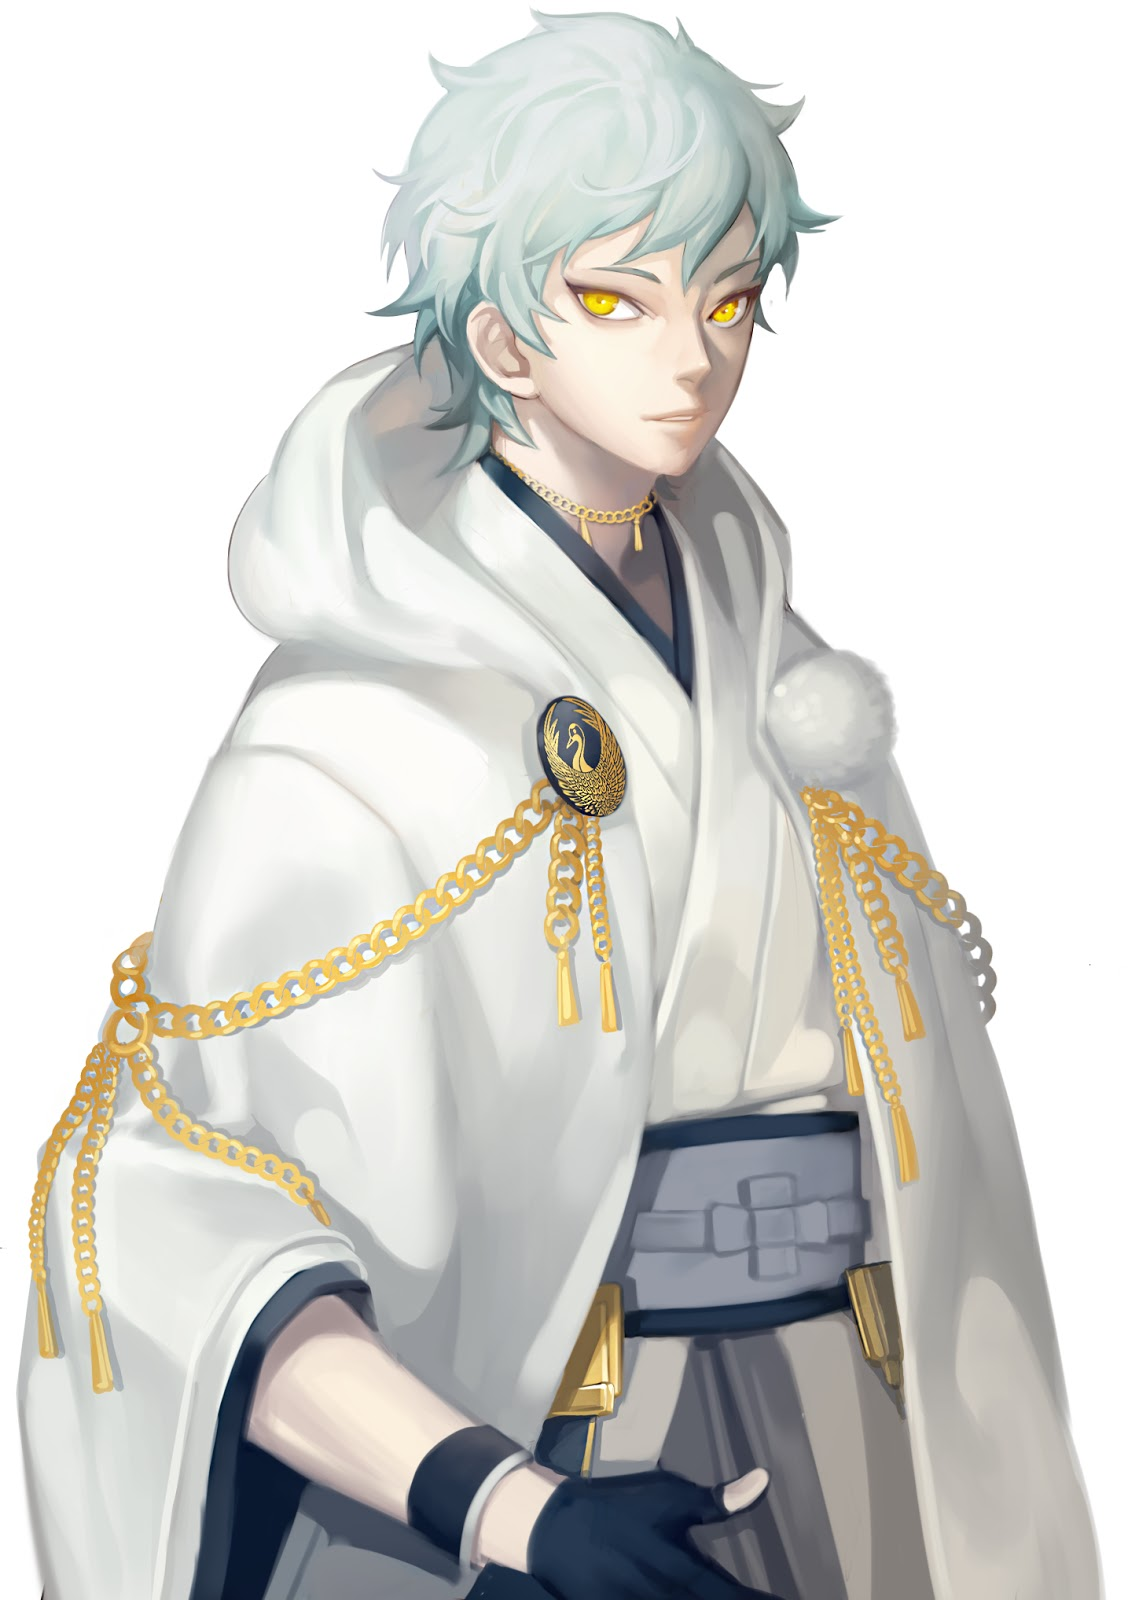 Pin de Fairy Snow em Boruto Naruto personagens, Anime e